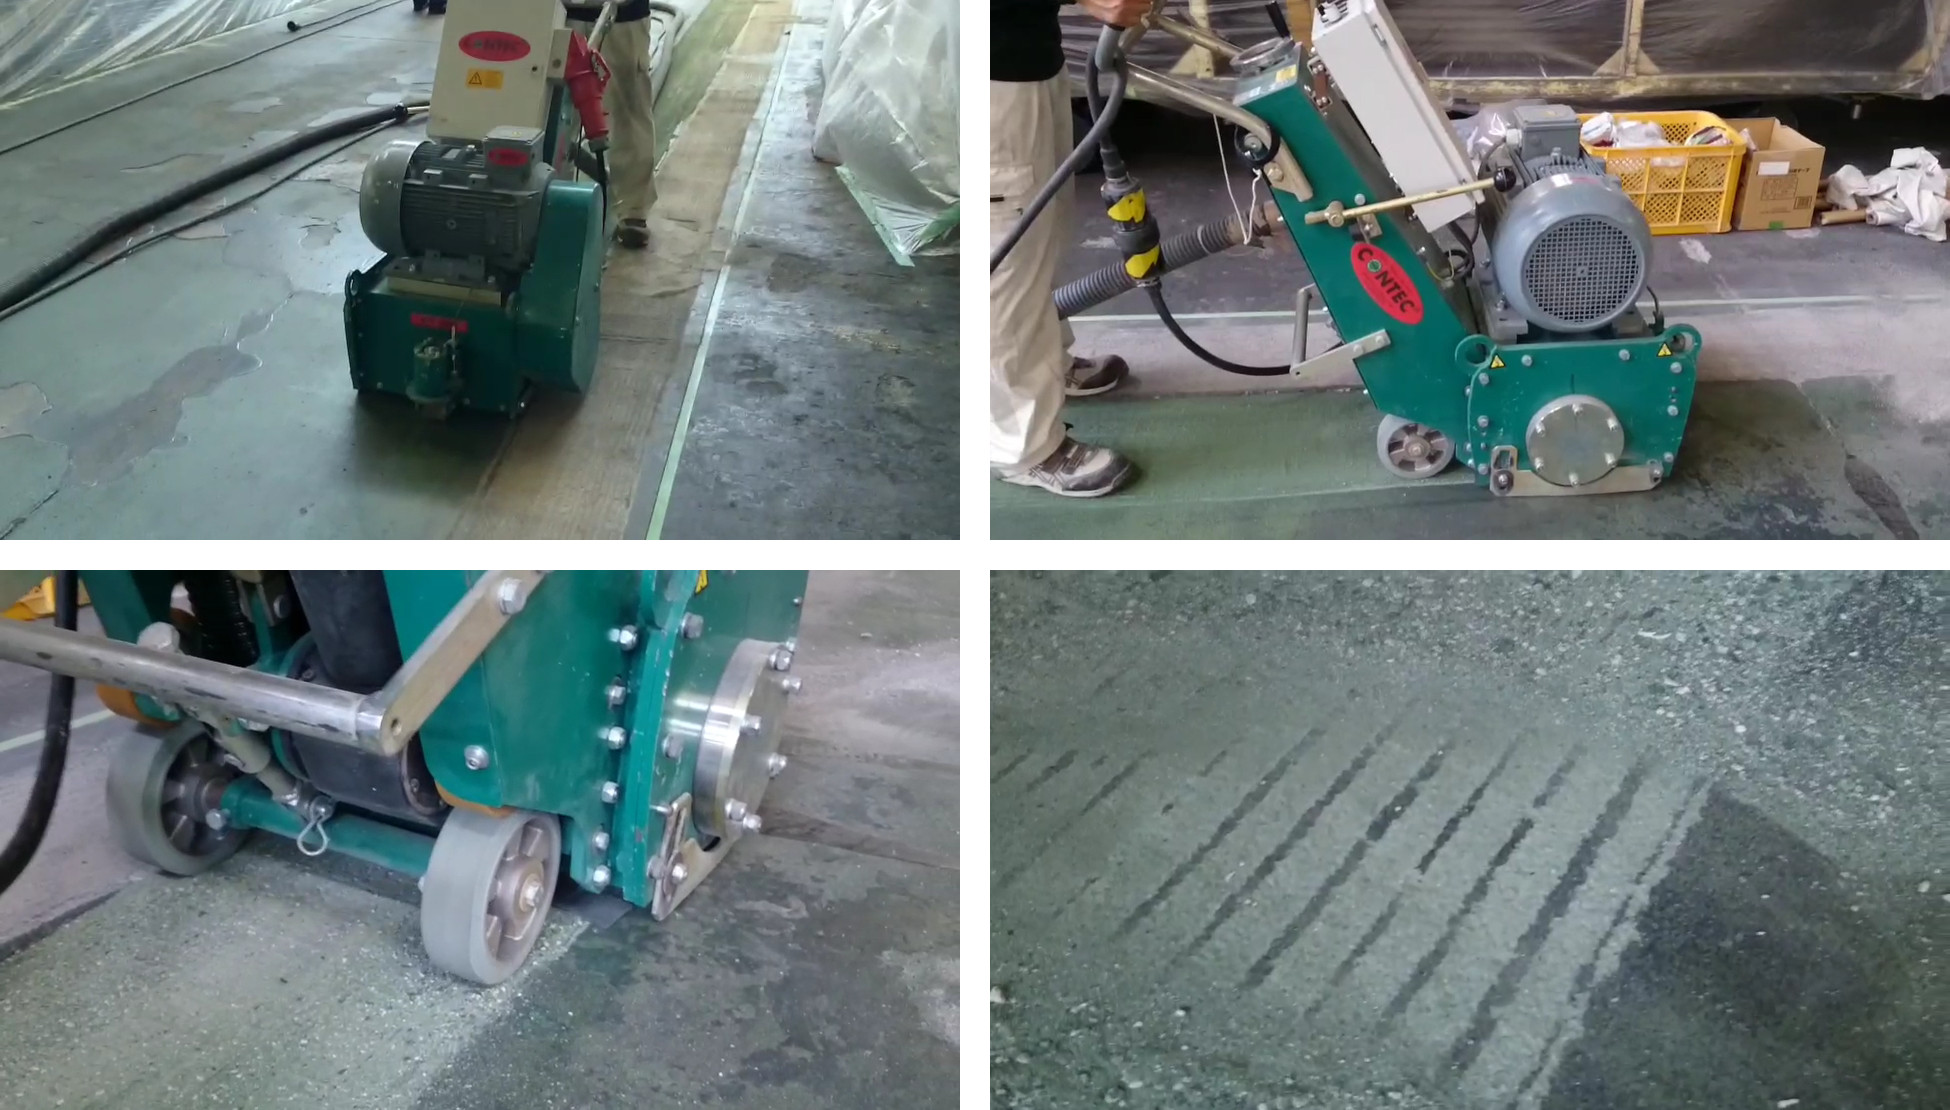 床面切削機『CT320』で、工場の床のフェロコンを切削除去しました。